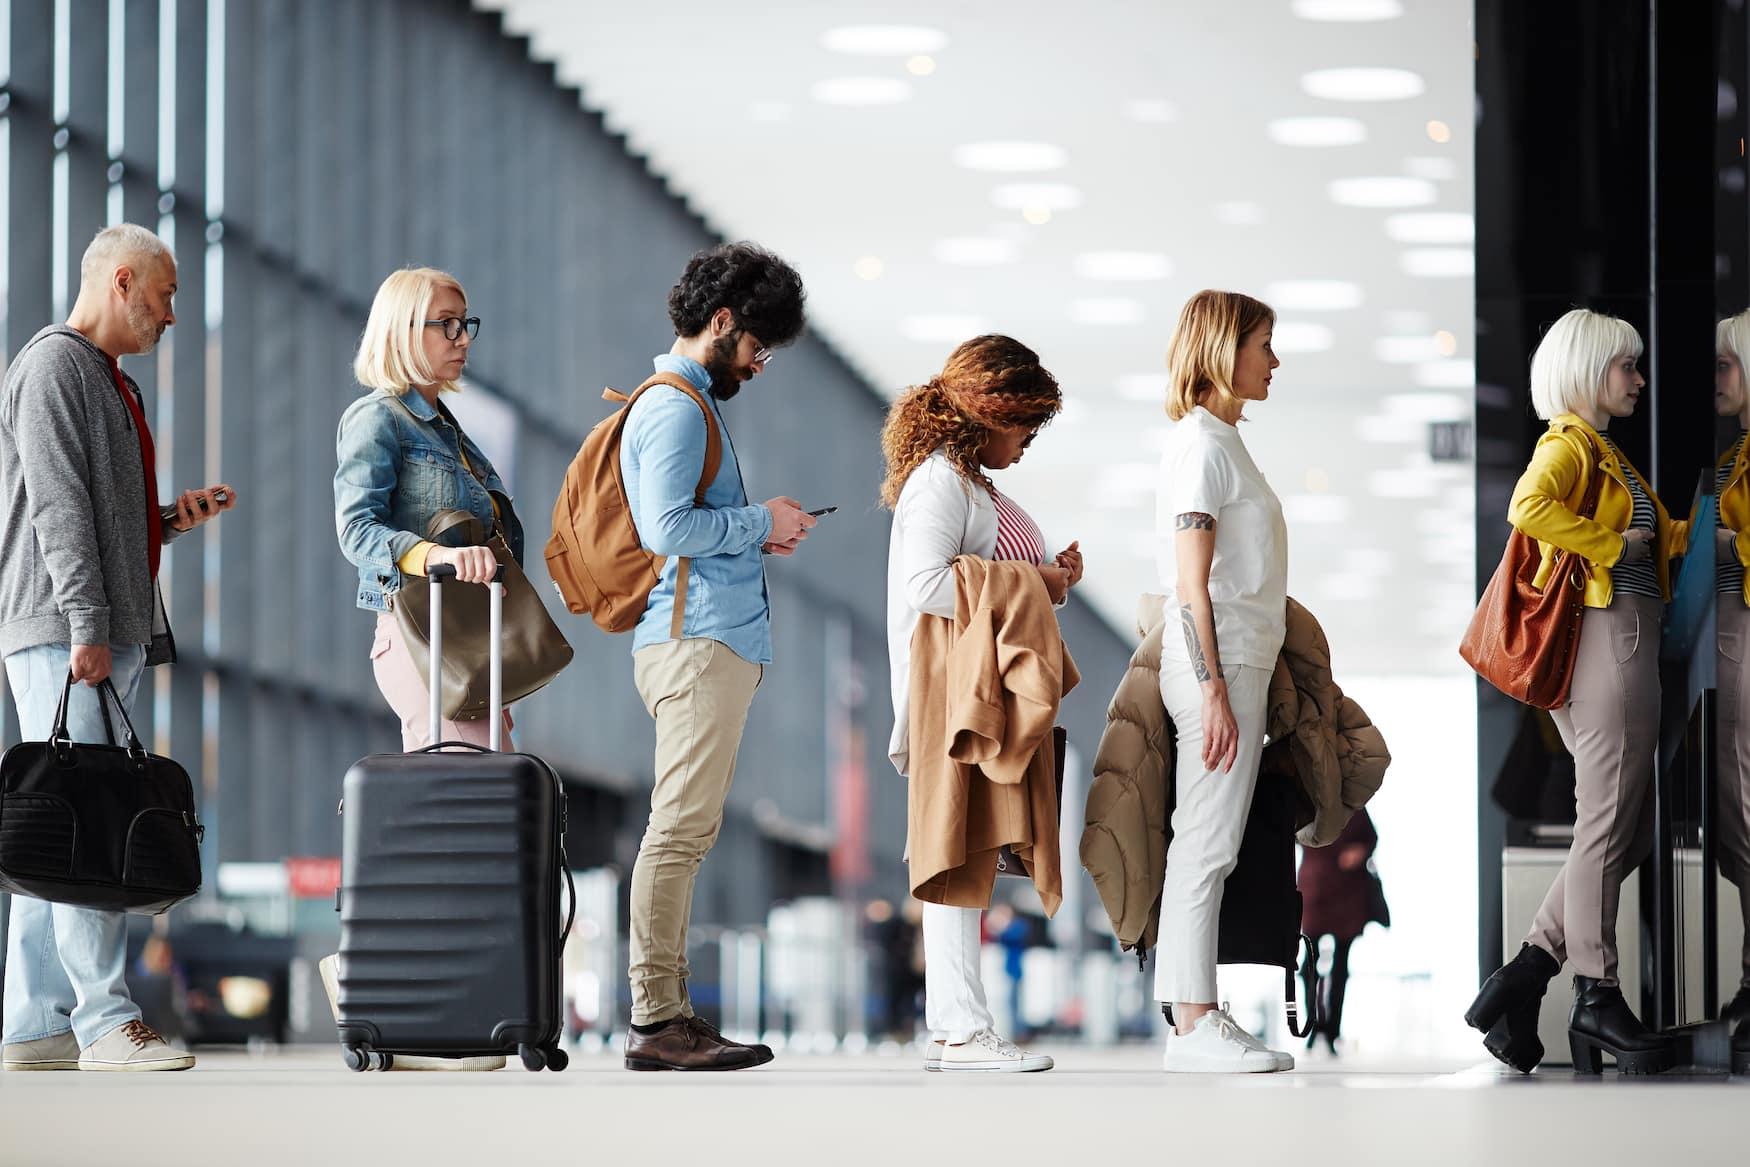 Reisende stehen in Warteschlange am Check in Schalter am Flughafen